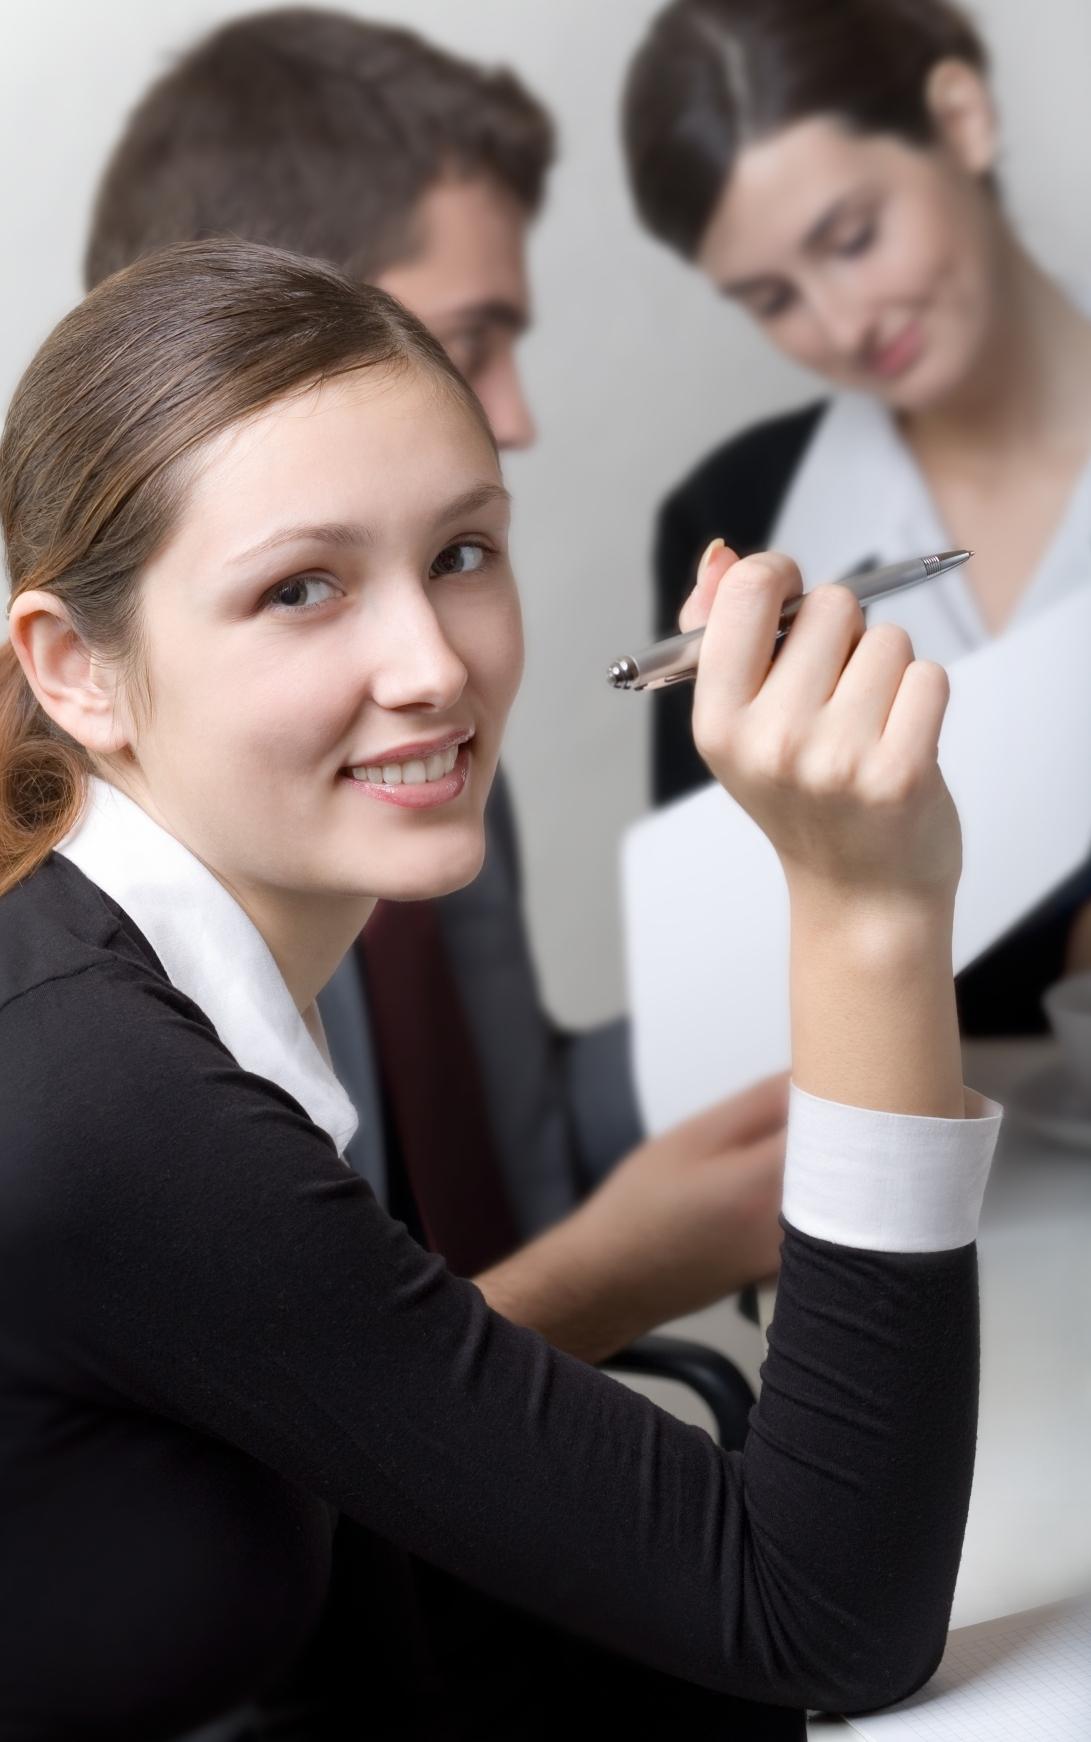 Assurances, quels métiers pour les jeunes diplômés ?